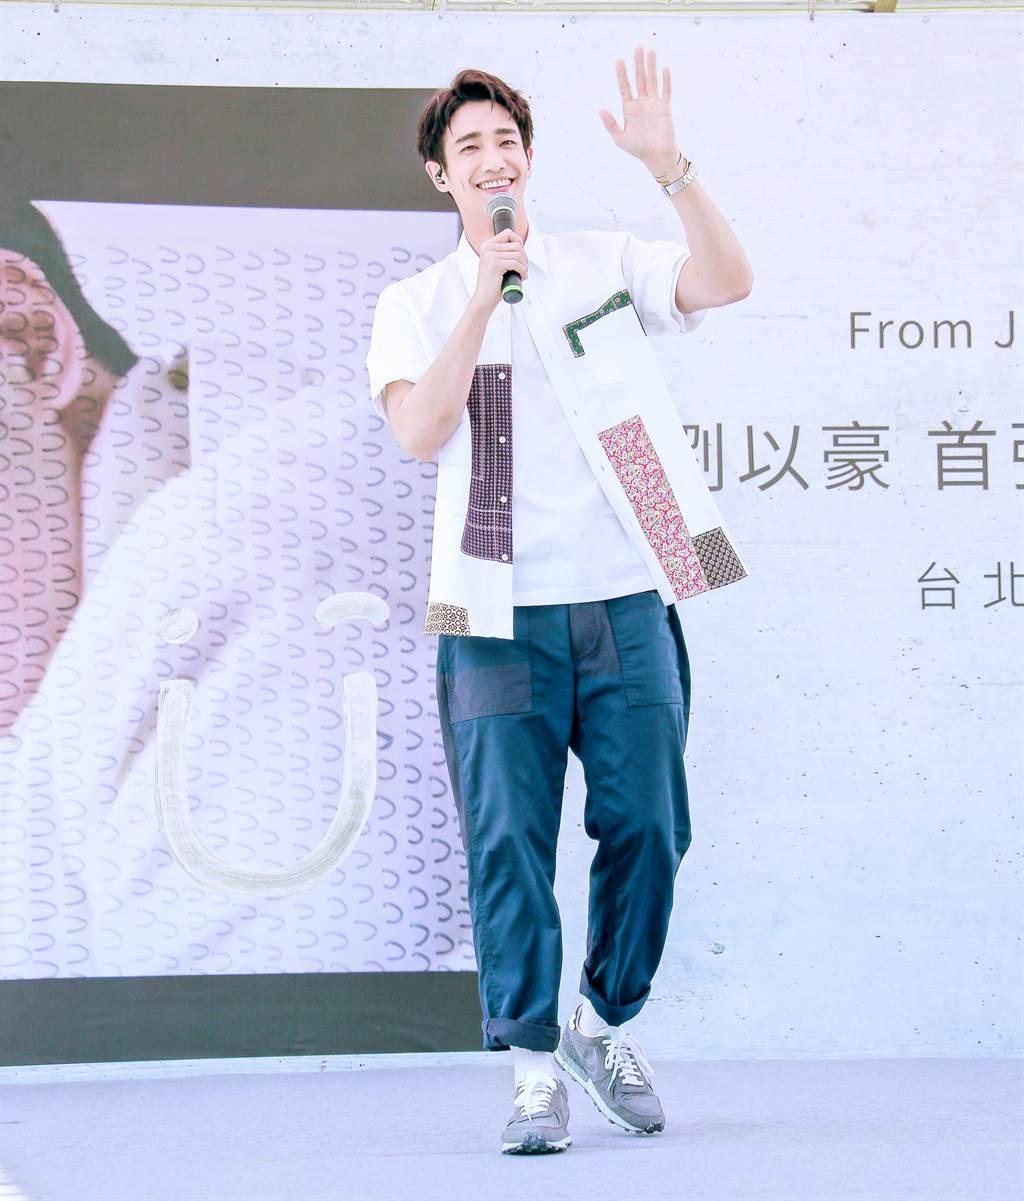 素有「台灣最萌男友」之稱的劉以豪因名模大賽得獎後進入演藝圈,在韓國也大放異采。(羅永銘攝)